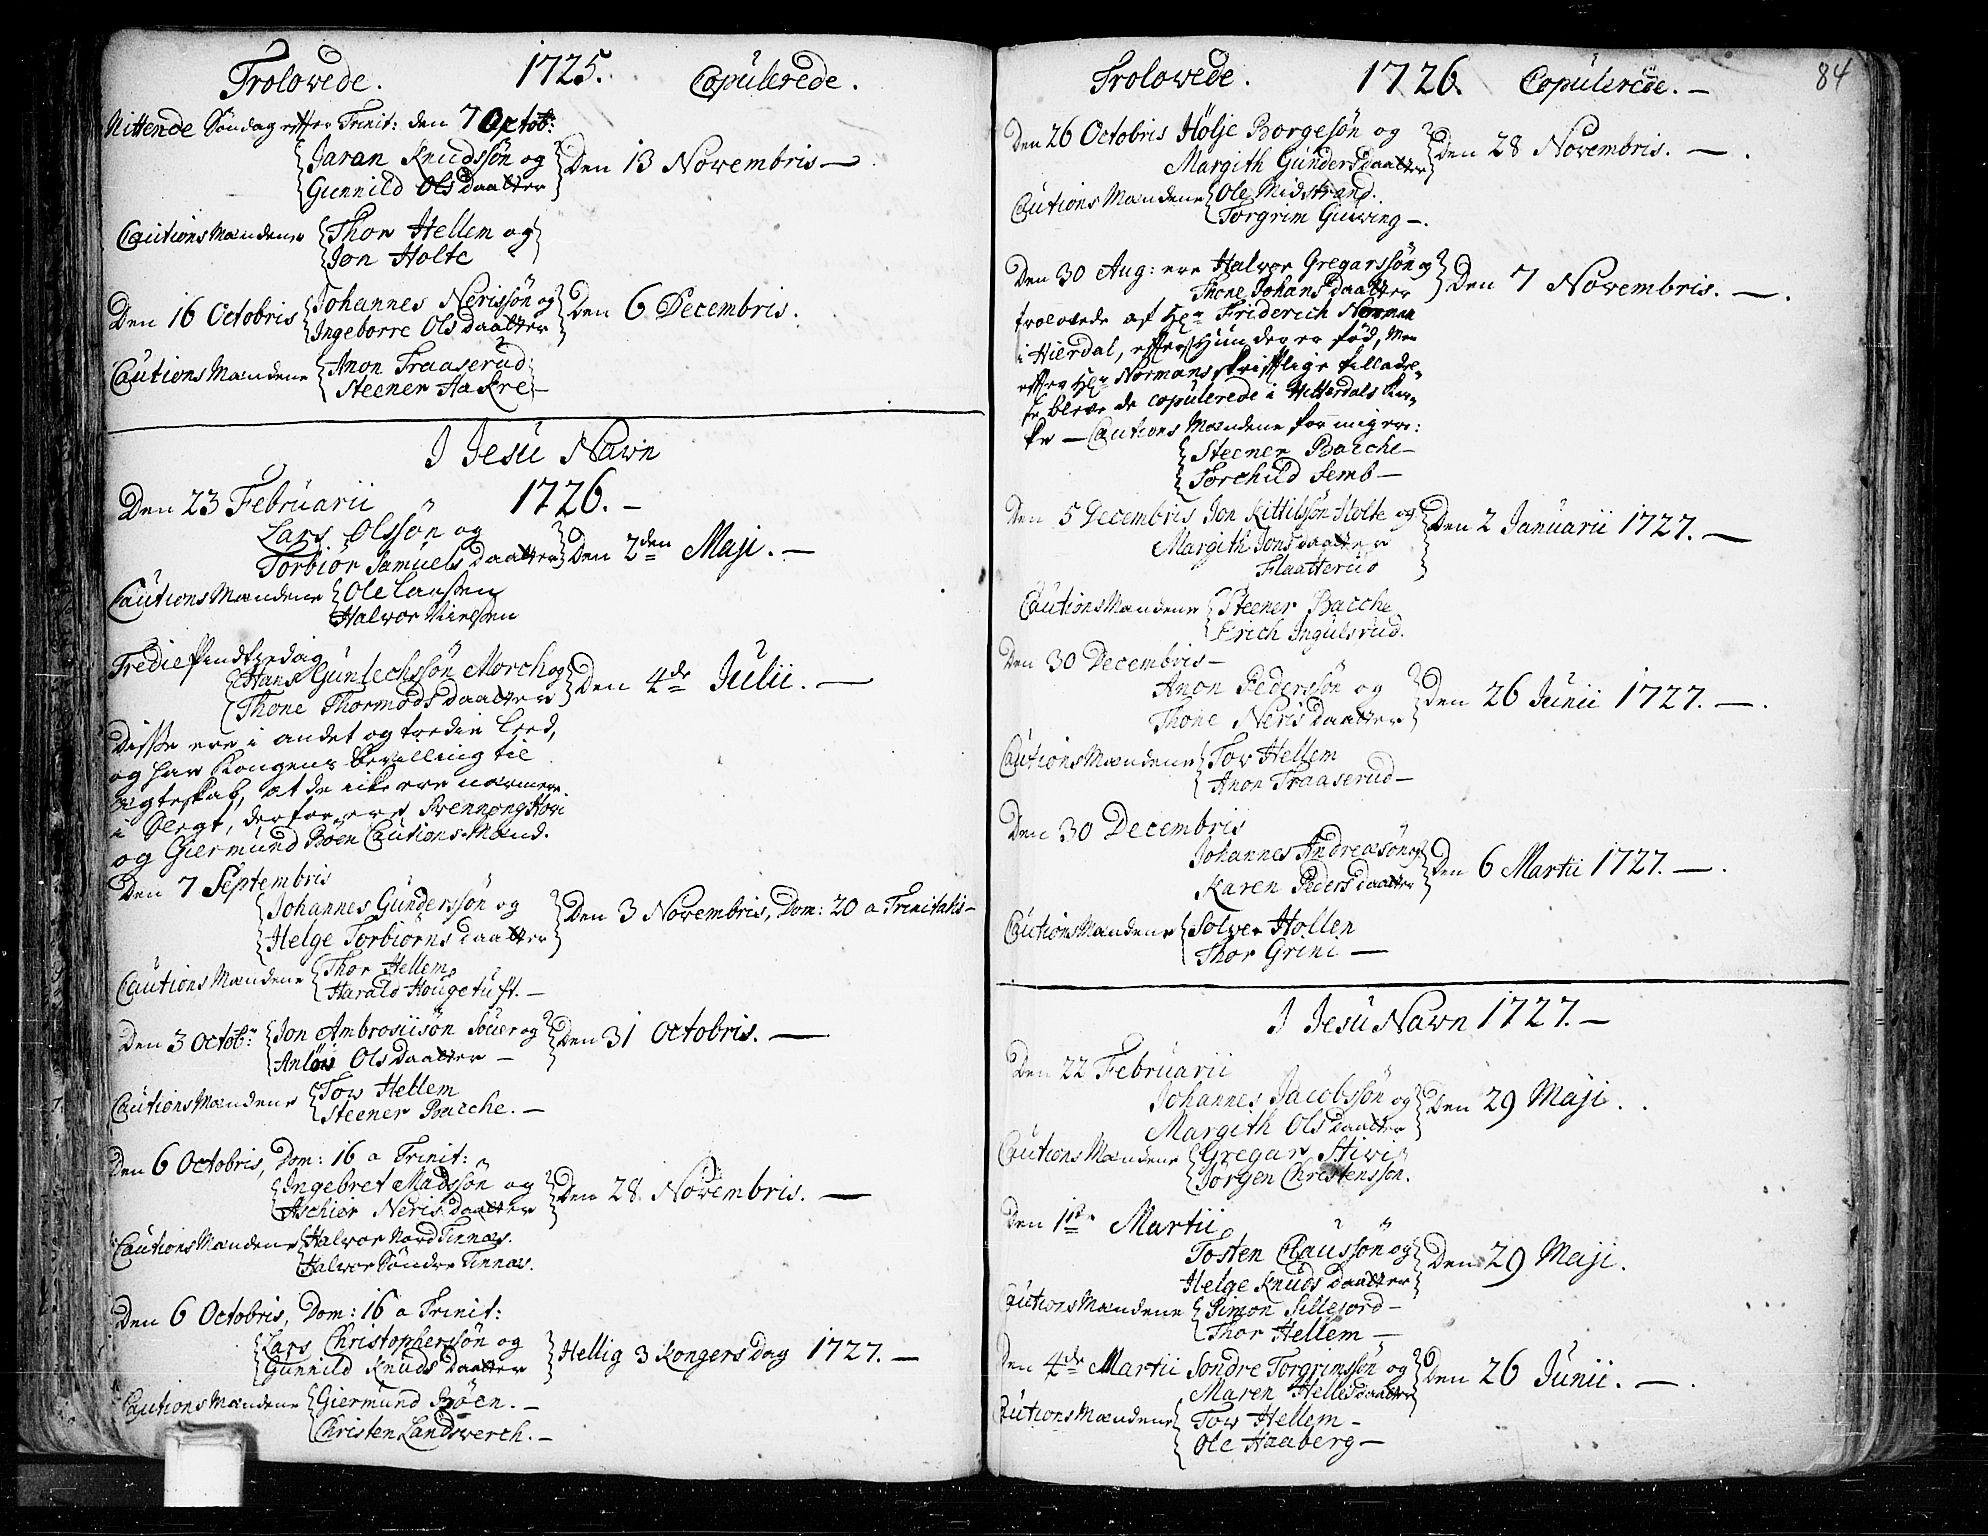 SAKO, Heddal kirkebøker, F/Fa/L0003: Ministerialbok nr. I 3, 1723-1783, s. 84